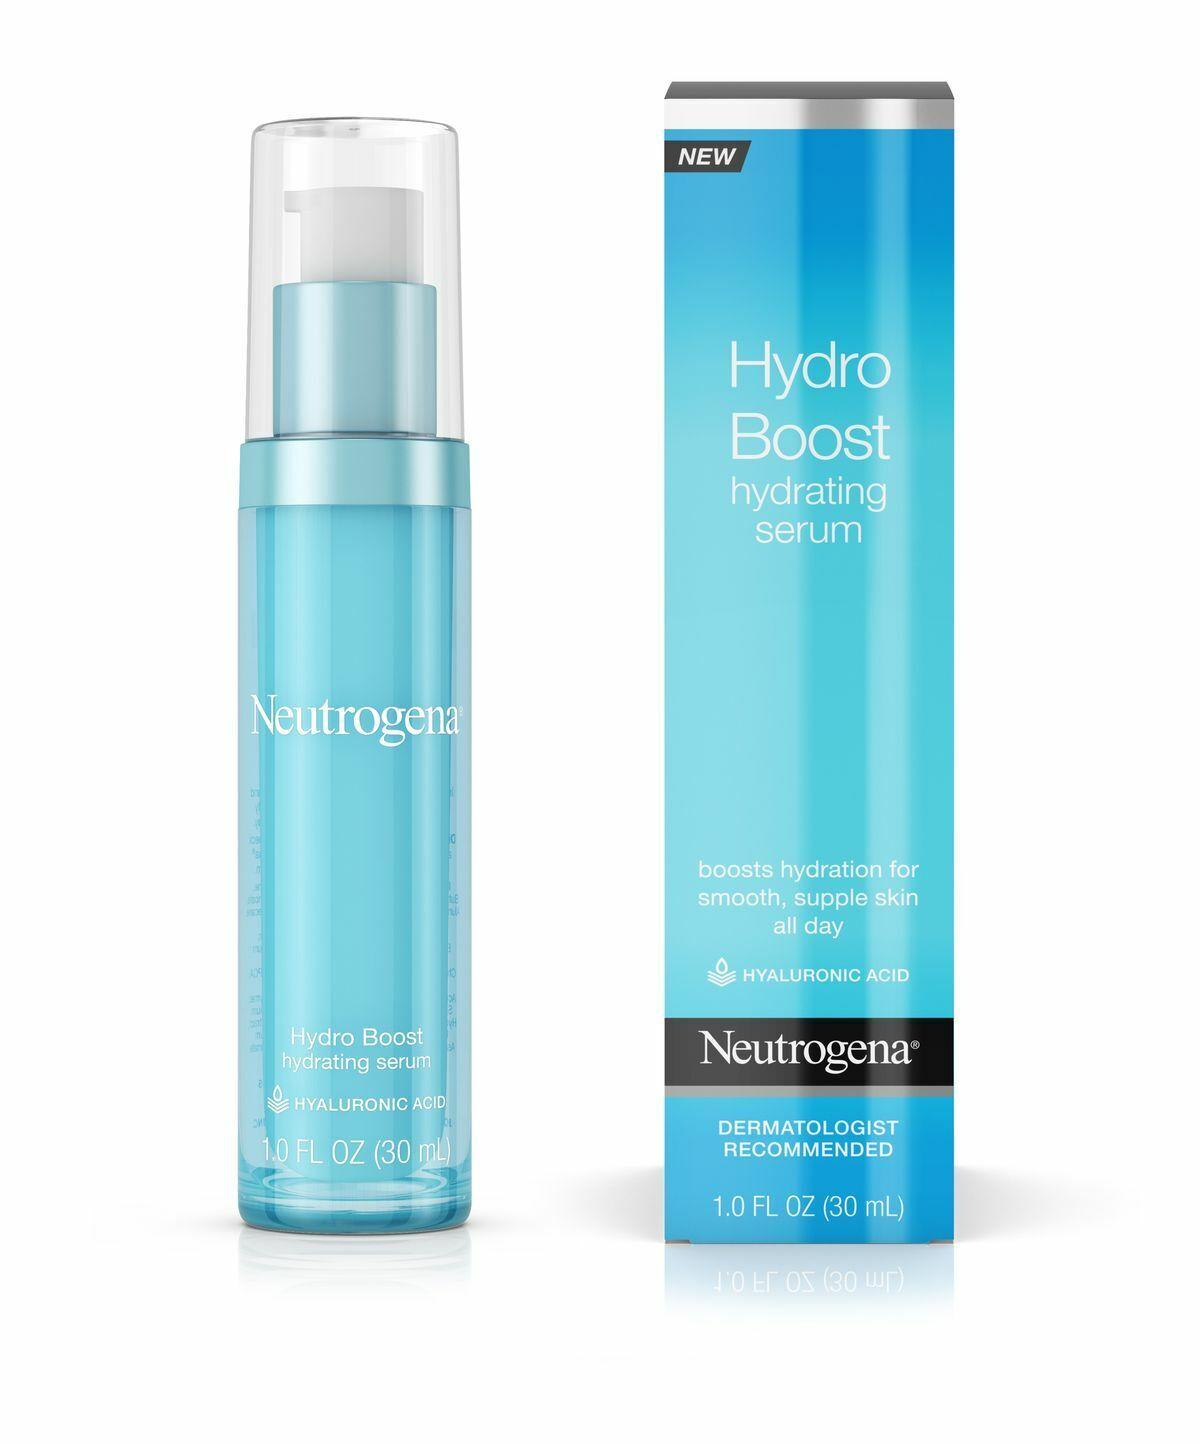 hydro boost hydrating serum 1 0 oz